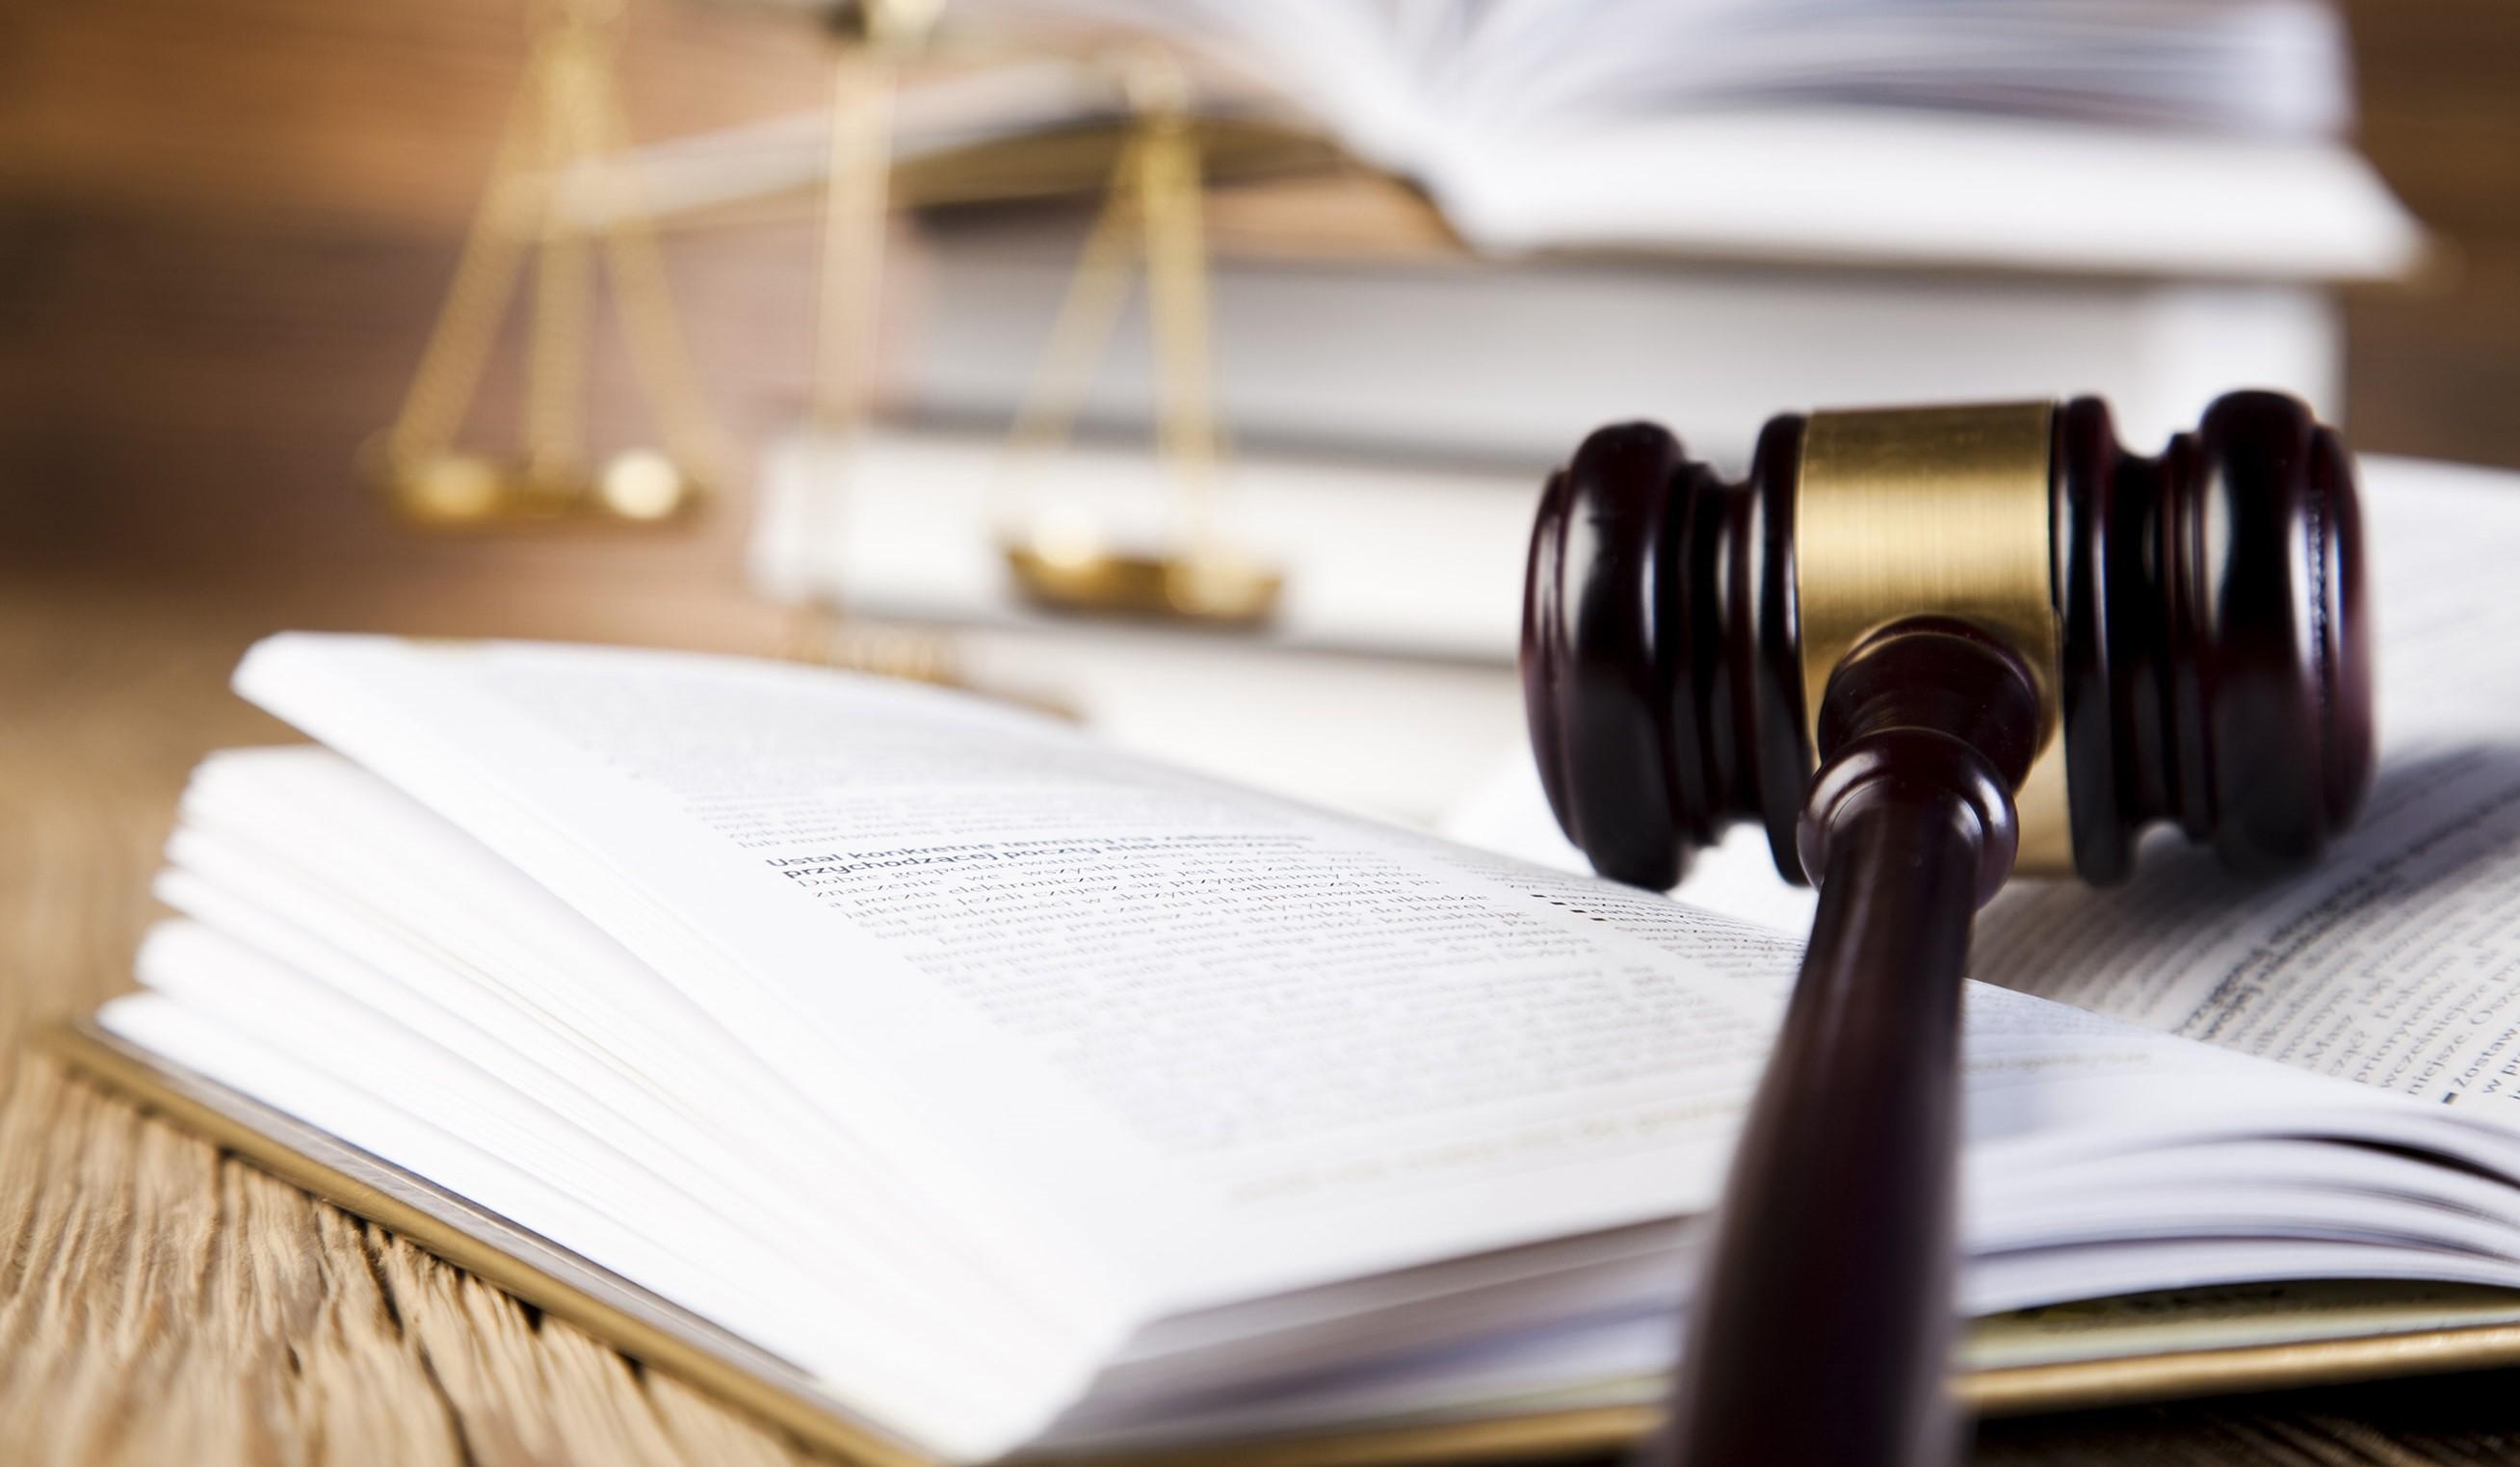 Real Decreto 1075/2017, de 29 de diciembre, por el que se modifica Reglamento de los Impuestos Especiales, aprobado por el Real Decreto 1165/1995, de 7 de julio